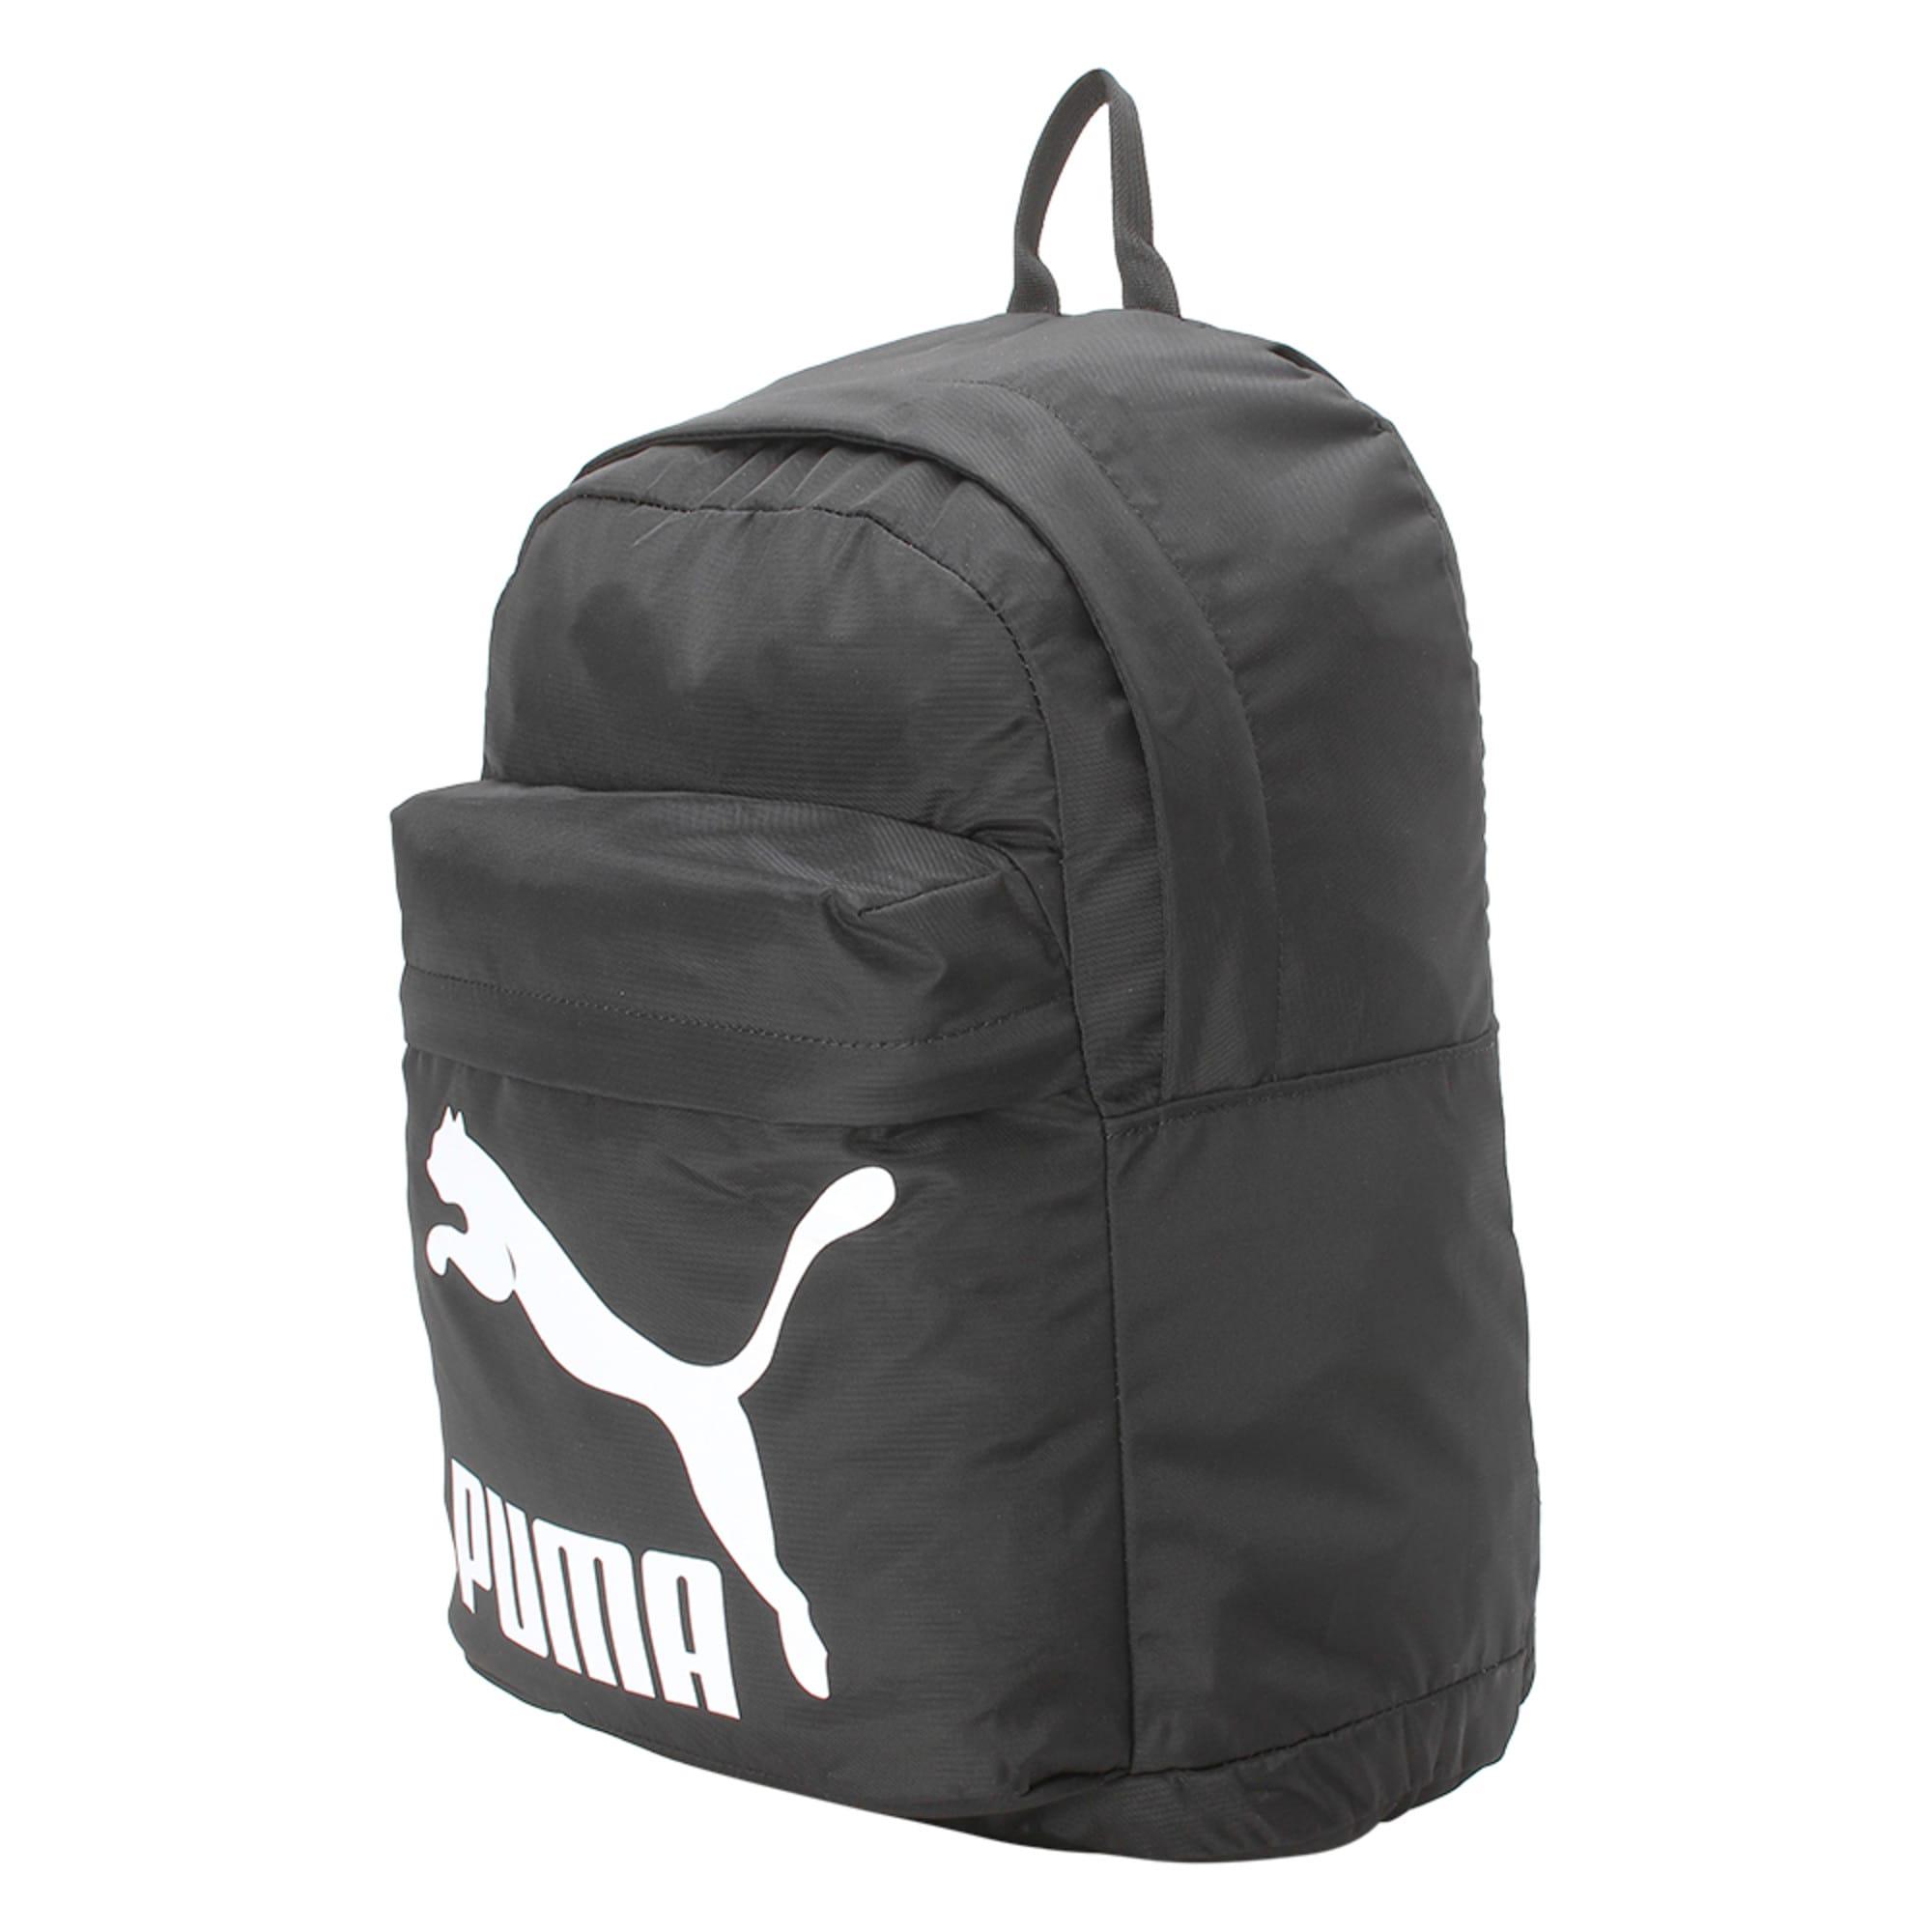 Thumbnail 2 of Originals Backpack, Puma Black, medium-IND